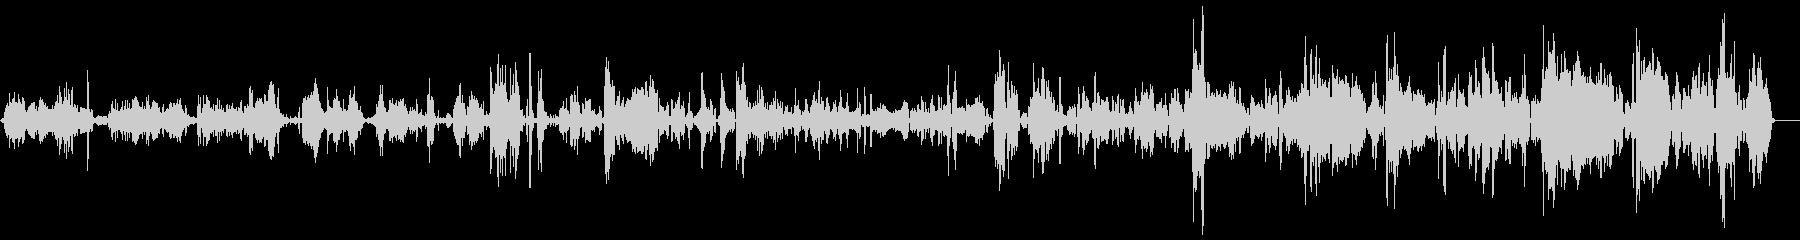 ゾンビ、シングルグロール呼吸1-10の未再生の波形